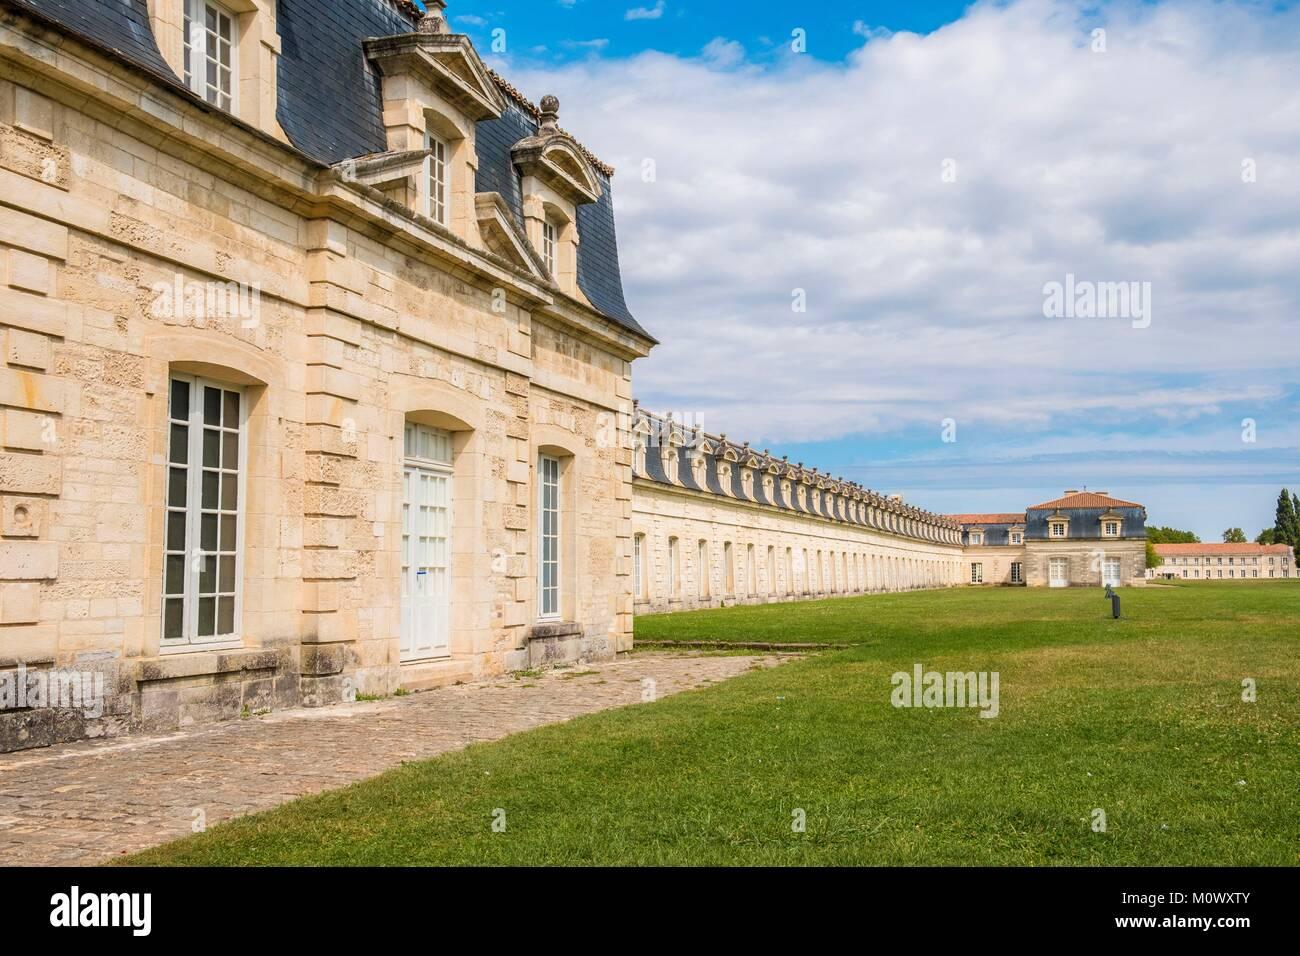 Francia,Charente Maritime,Rochefort,distrito del Arsenal,la Corderie Royale diseñado por Colbert en 1666 Imagen De Stock